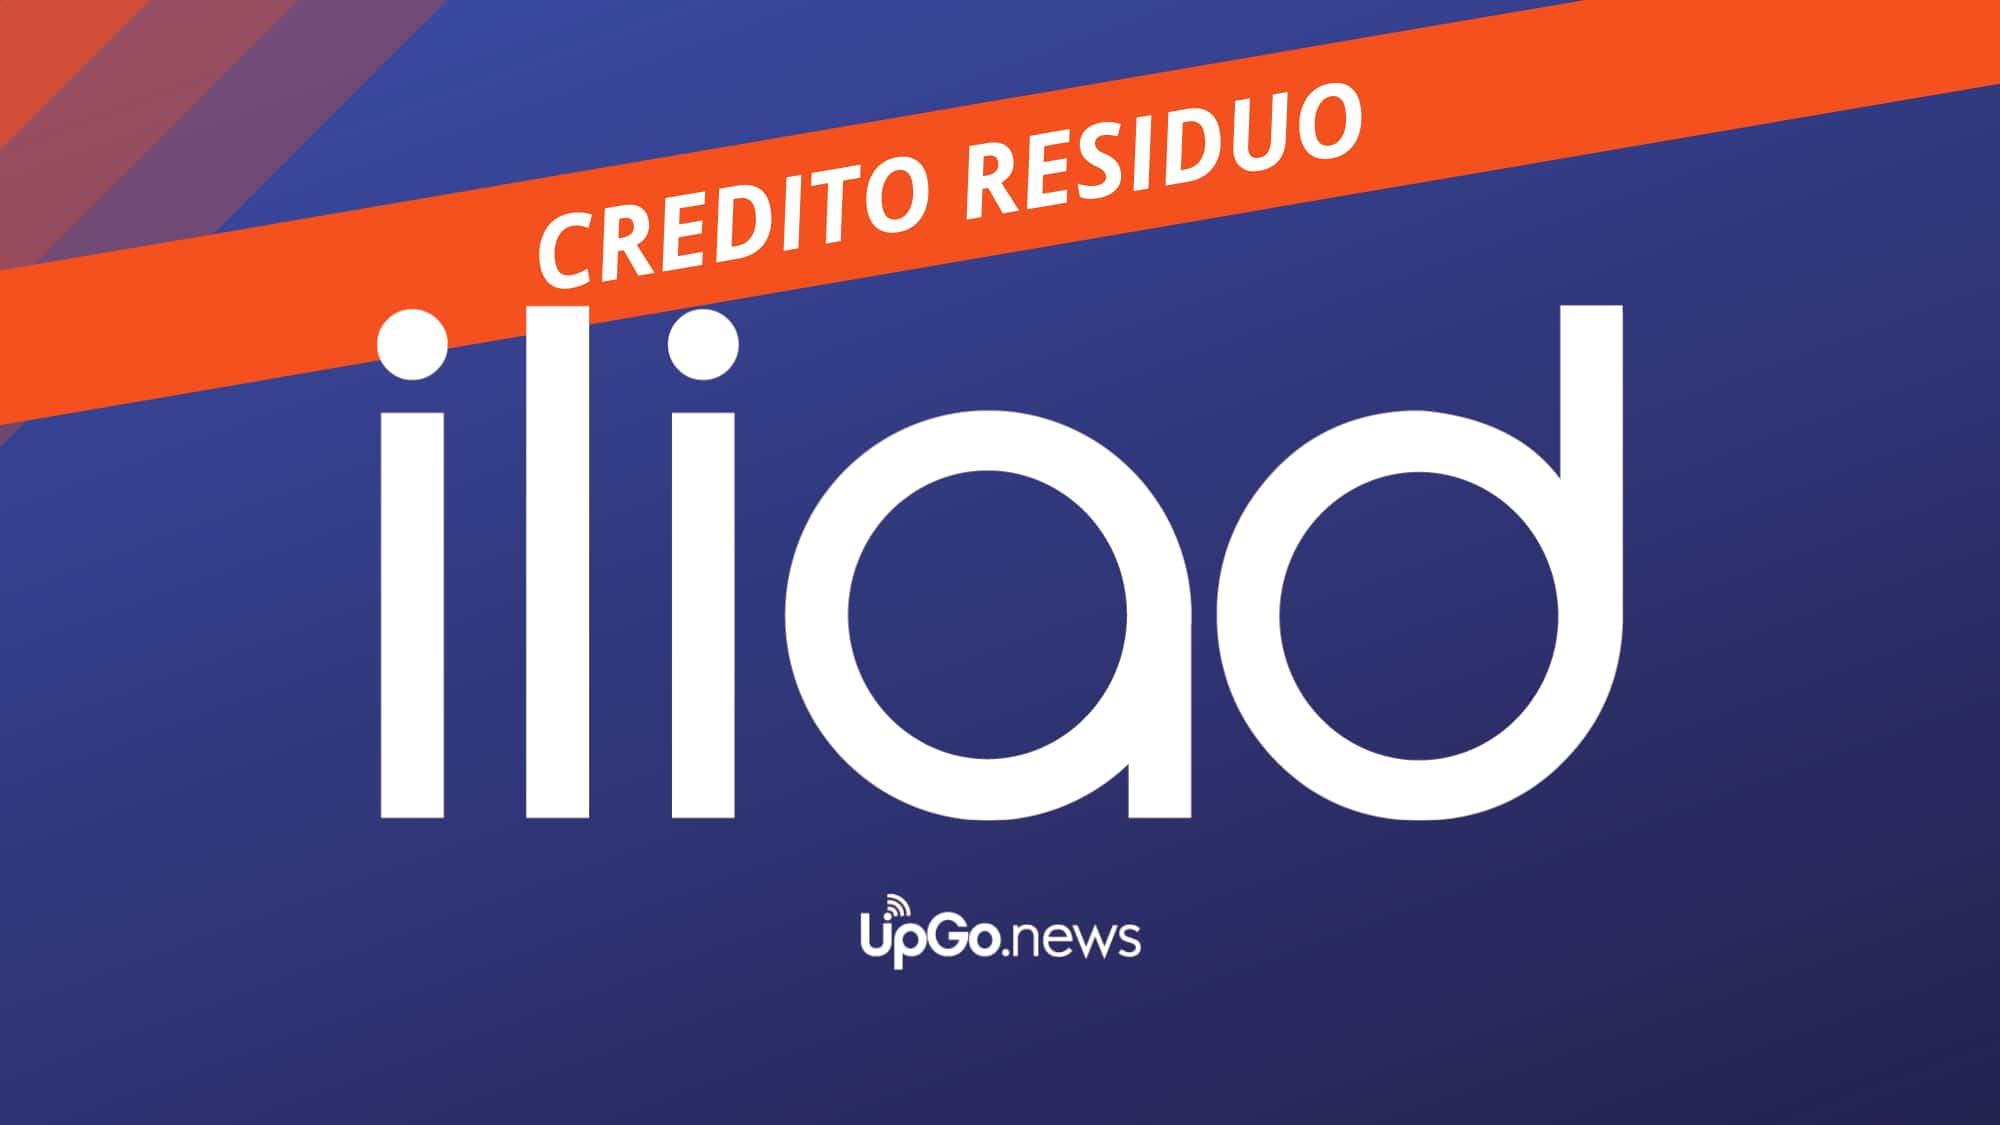 Credito Residuo Iliad